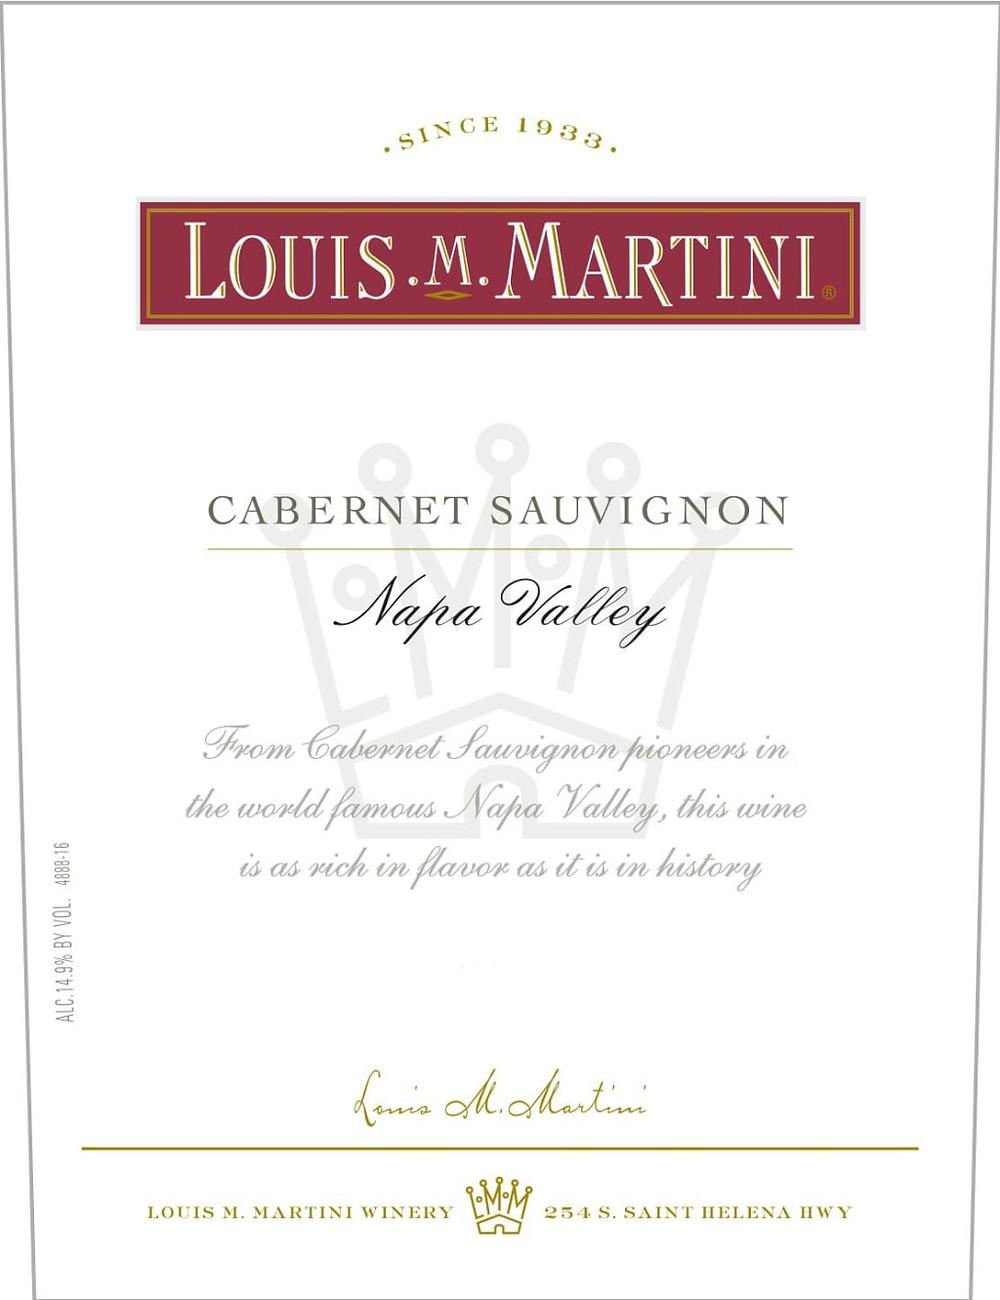 Louis M Martini Cabernet Sauvignon wine label